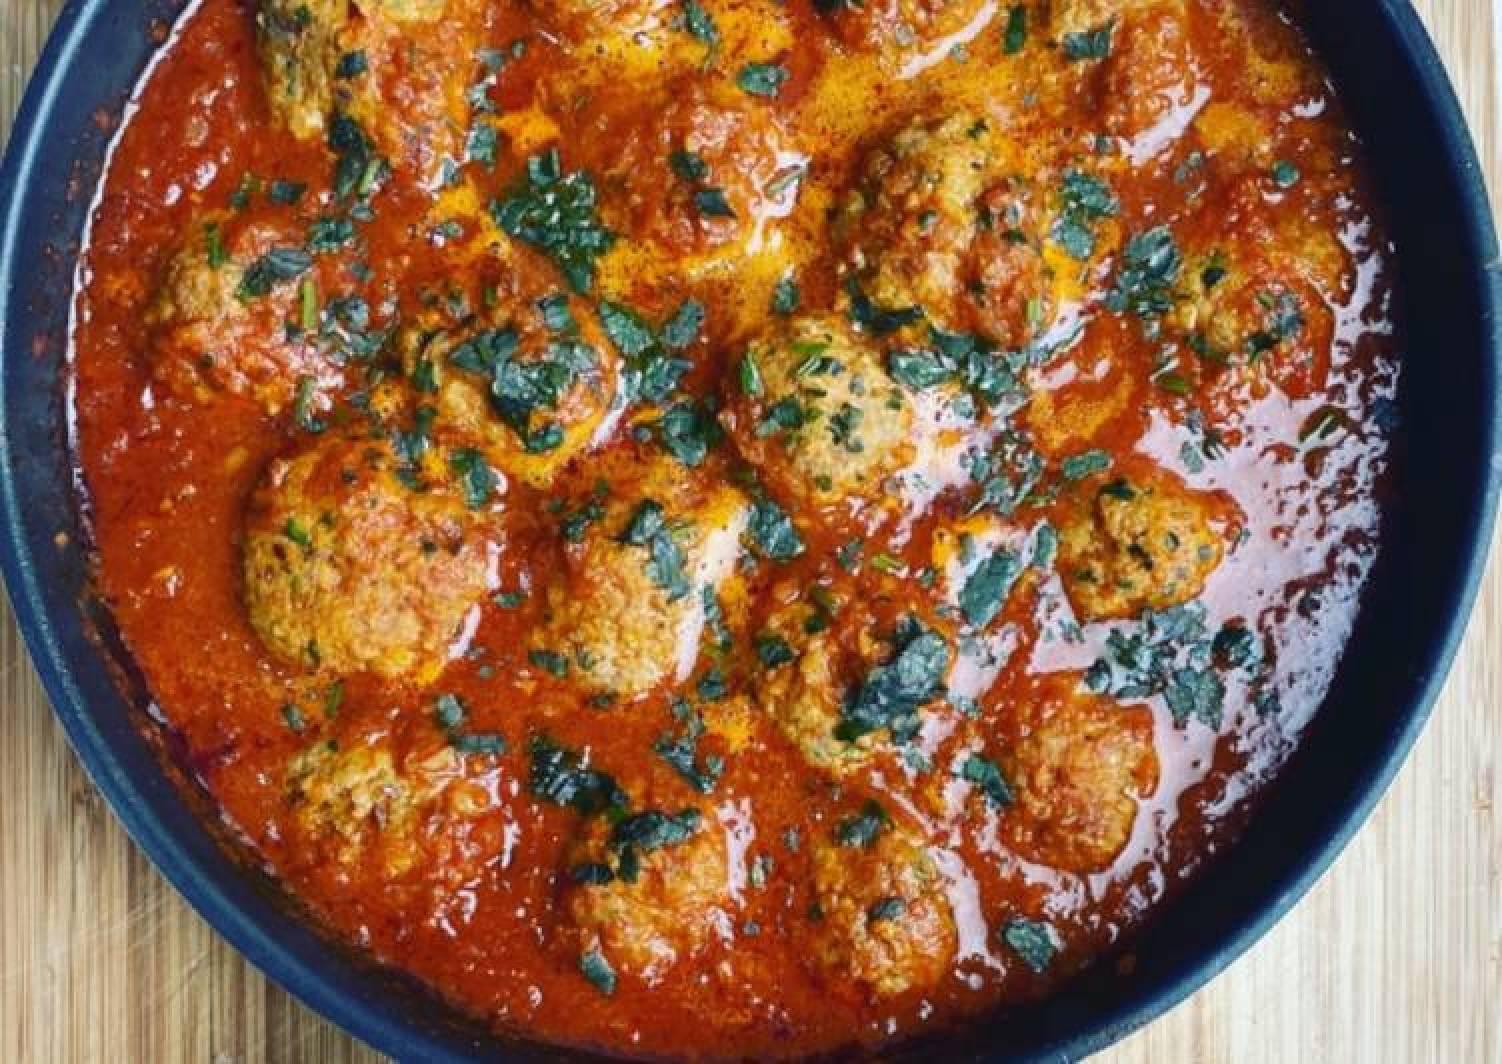 Lamb meatballs / keema kofta